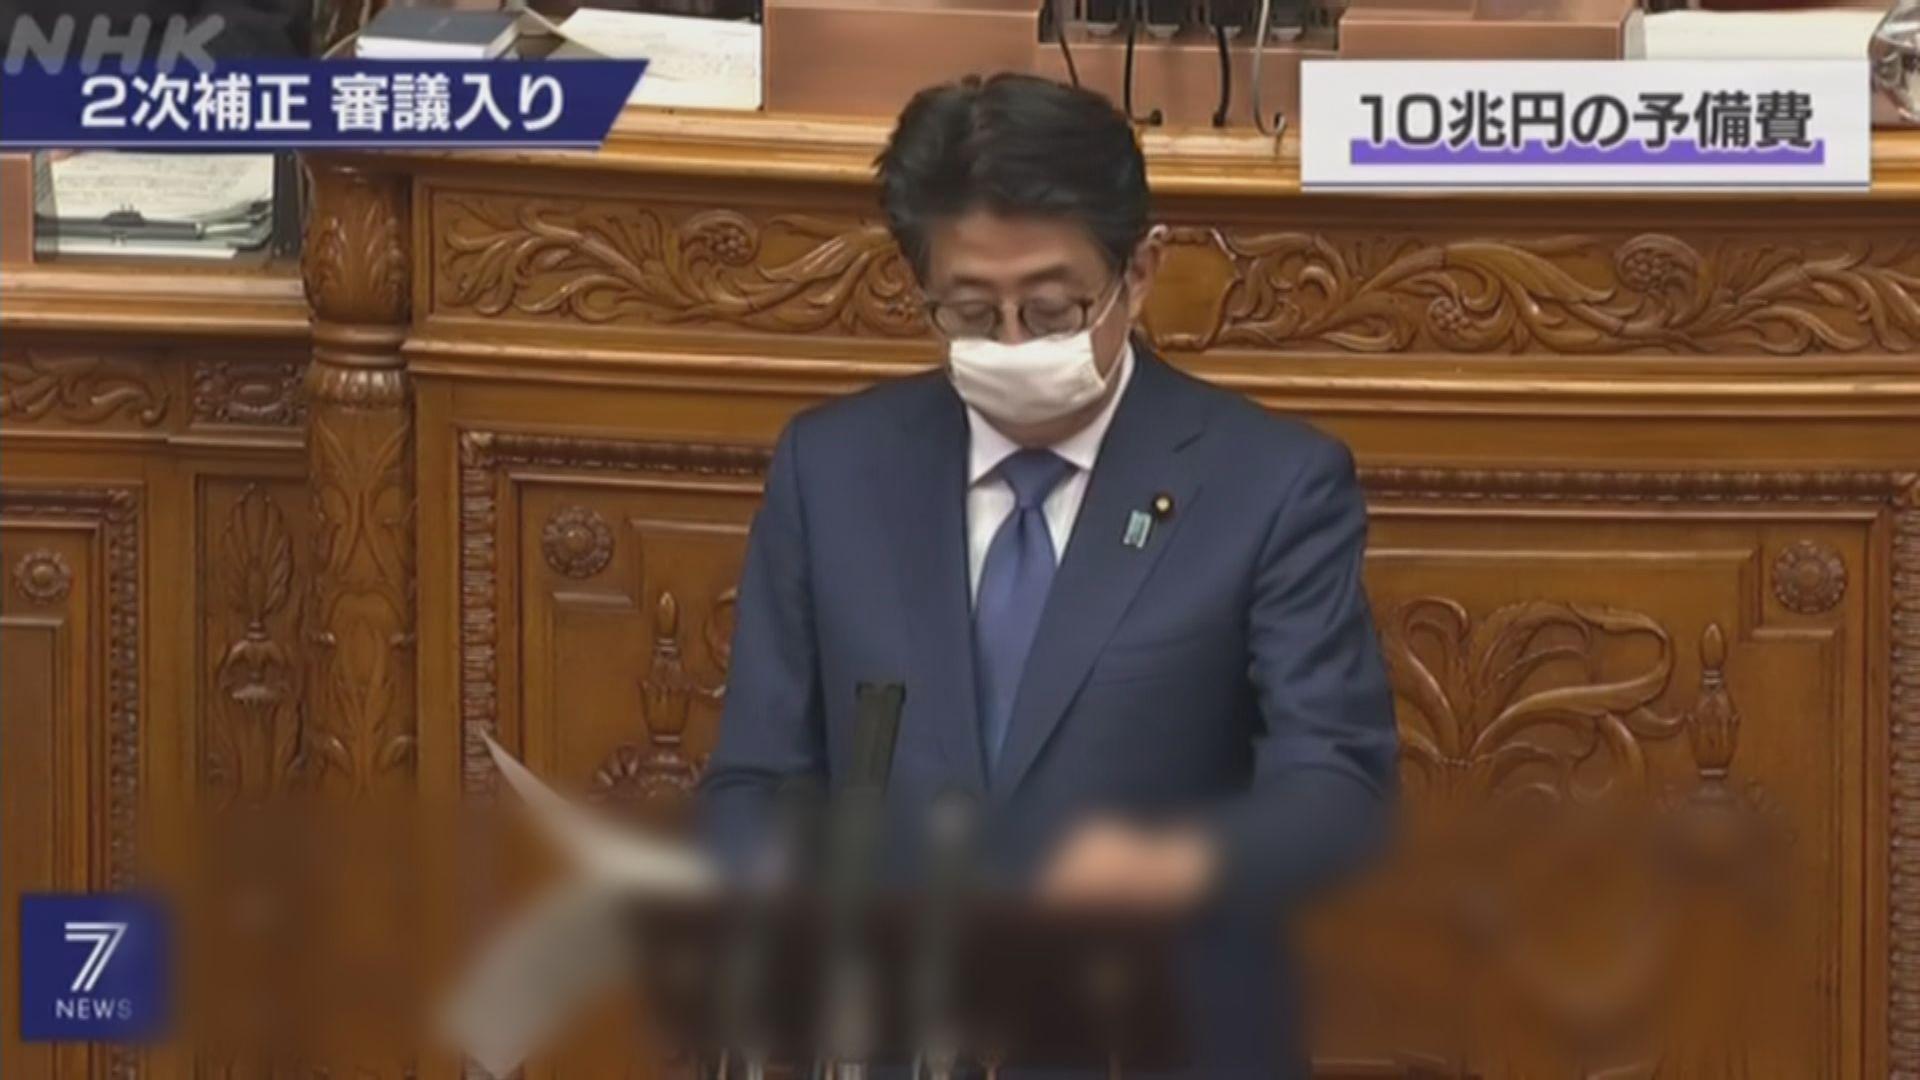 消息指日本正協調G7各國就港區國安法發聲明